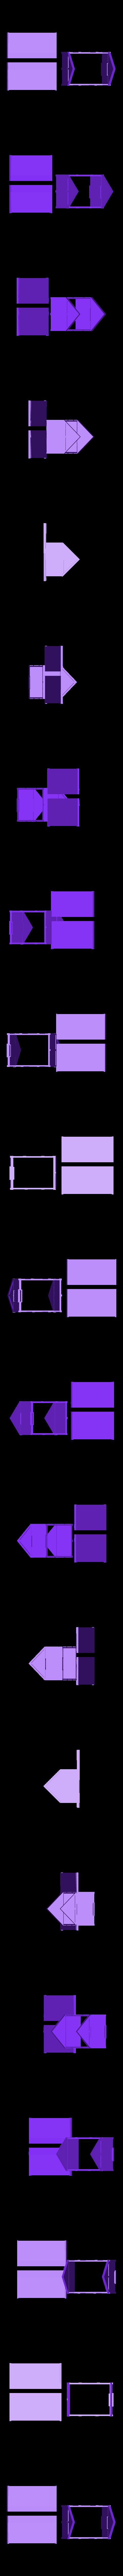 Burh_hut.stl Télécharger fichier STL gratuit Cabane saxonne Burh • Design à imprimer en 3D, Earsling